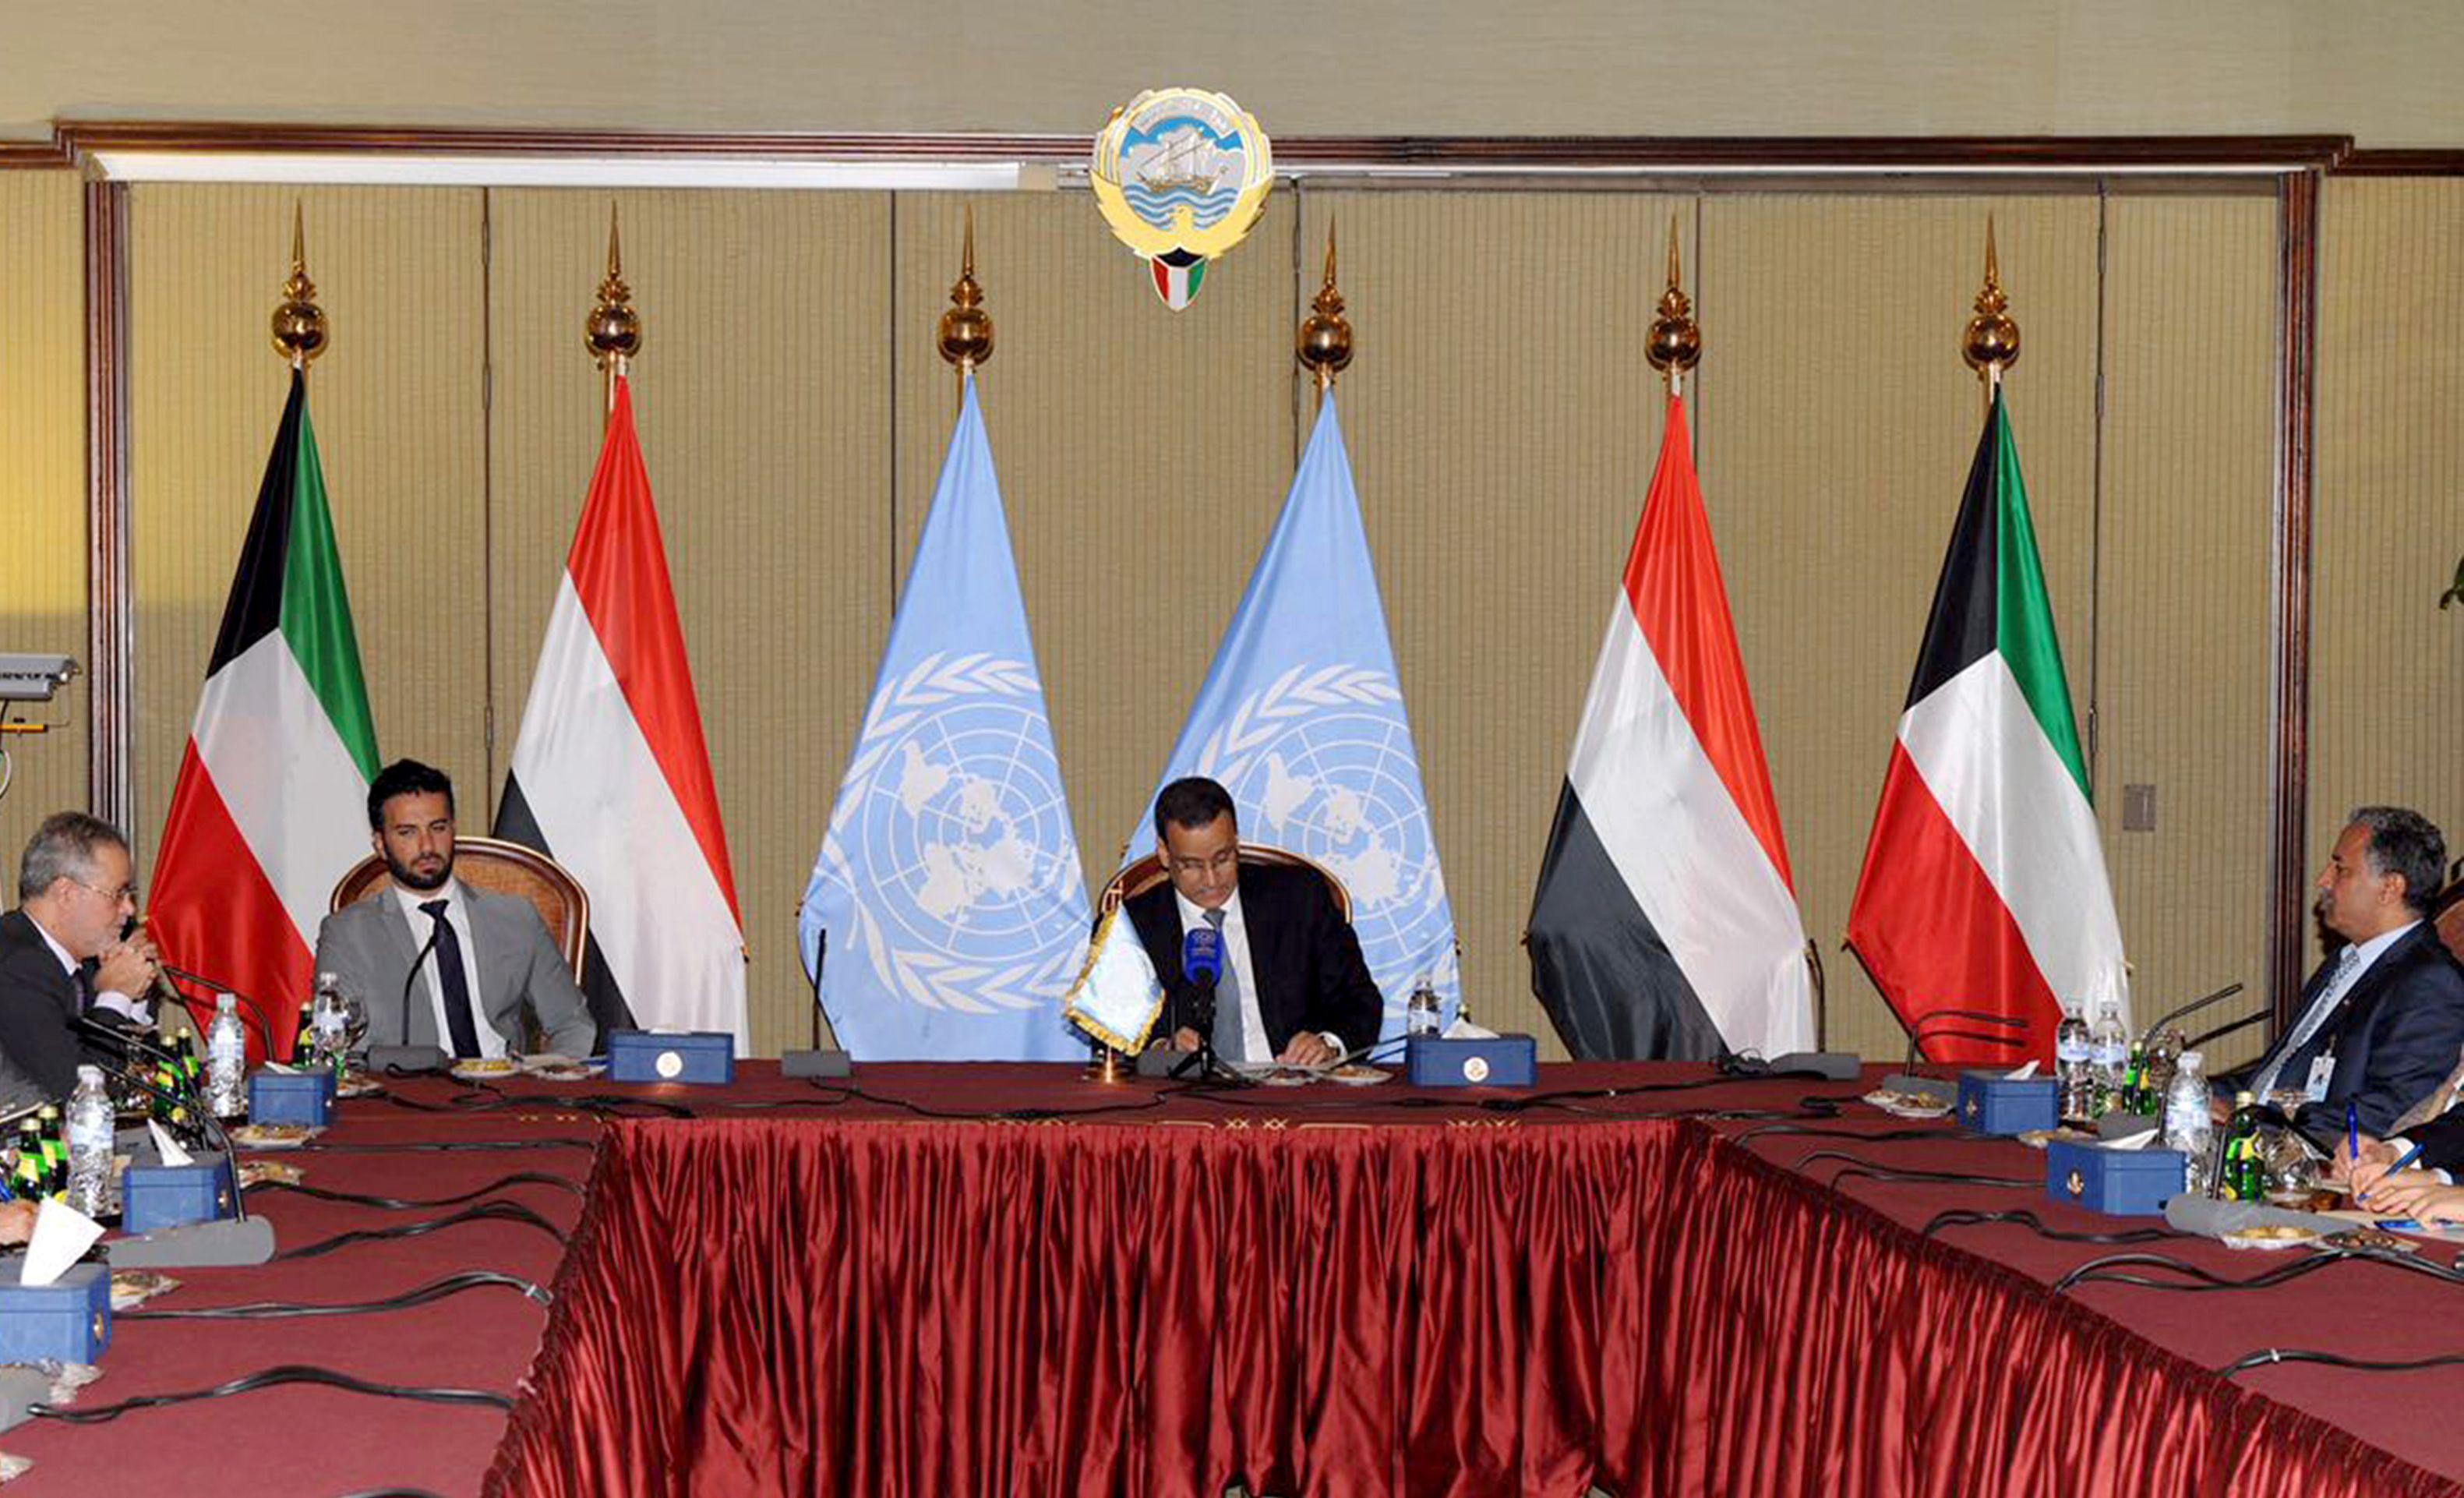 الكويت: لا وساطة بشأن اليمن